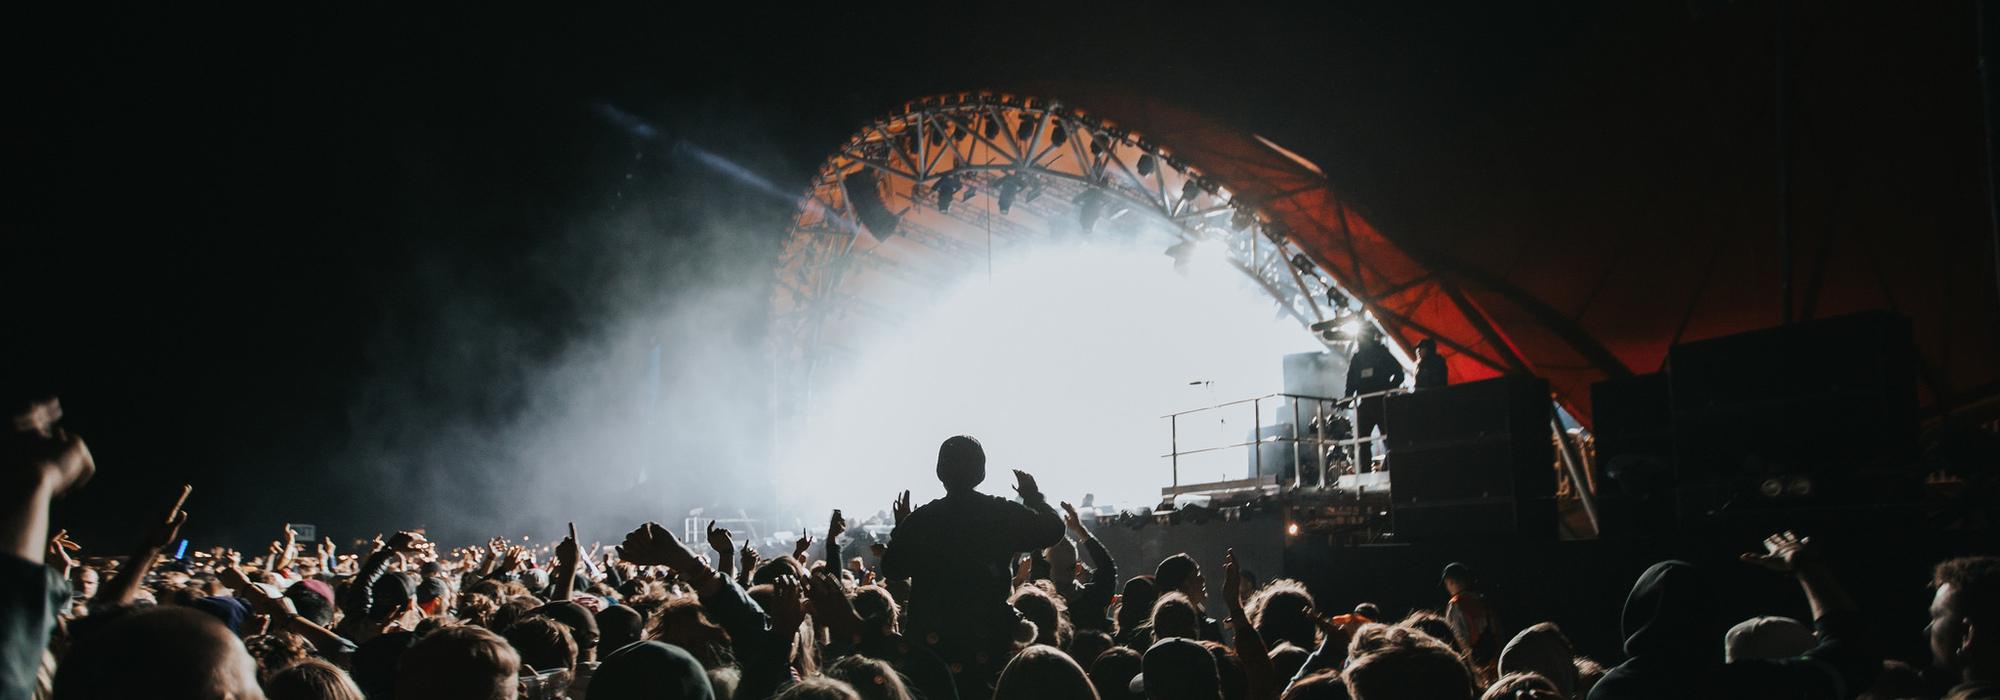 A Country Jam live event